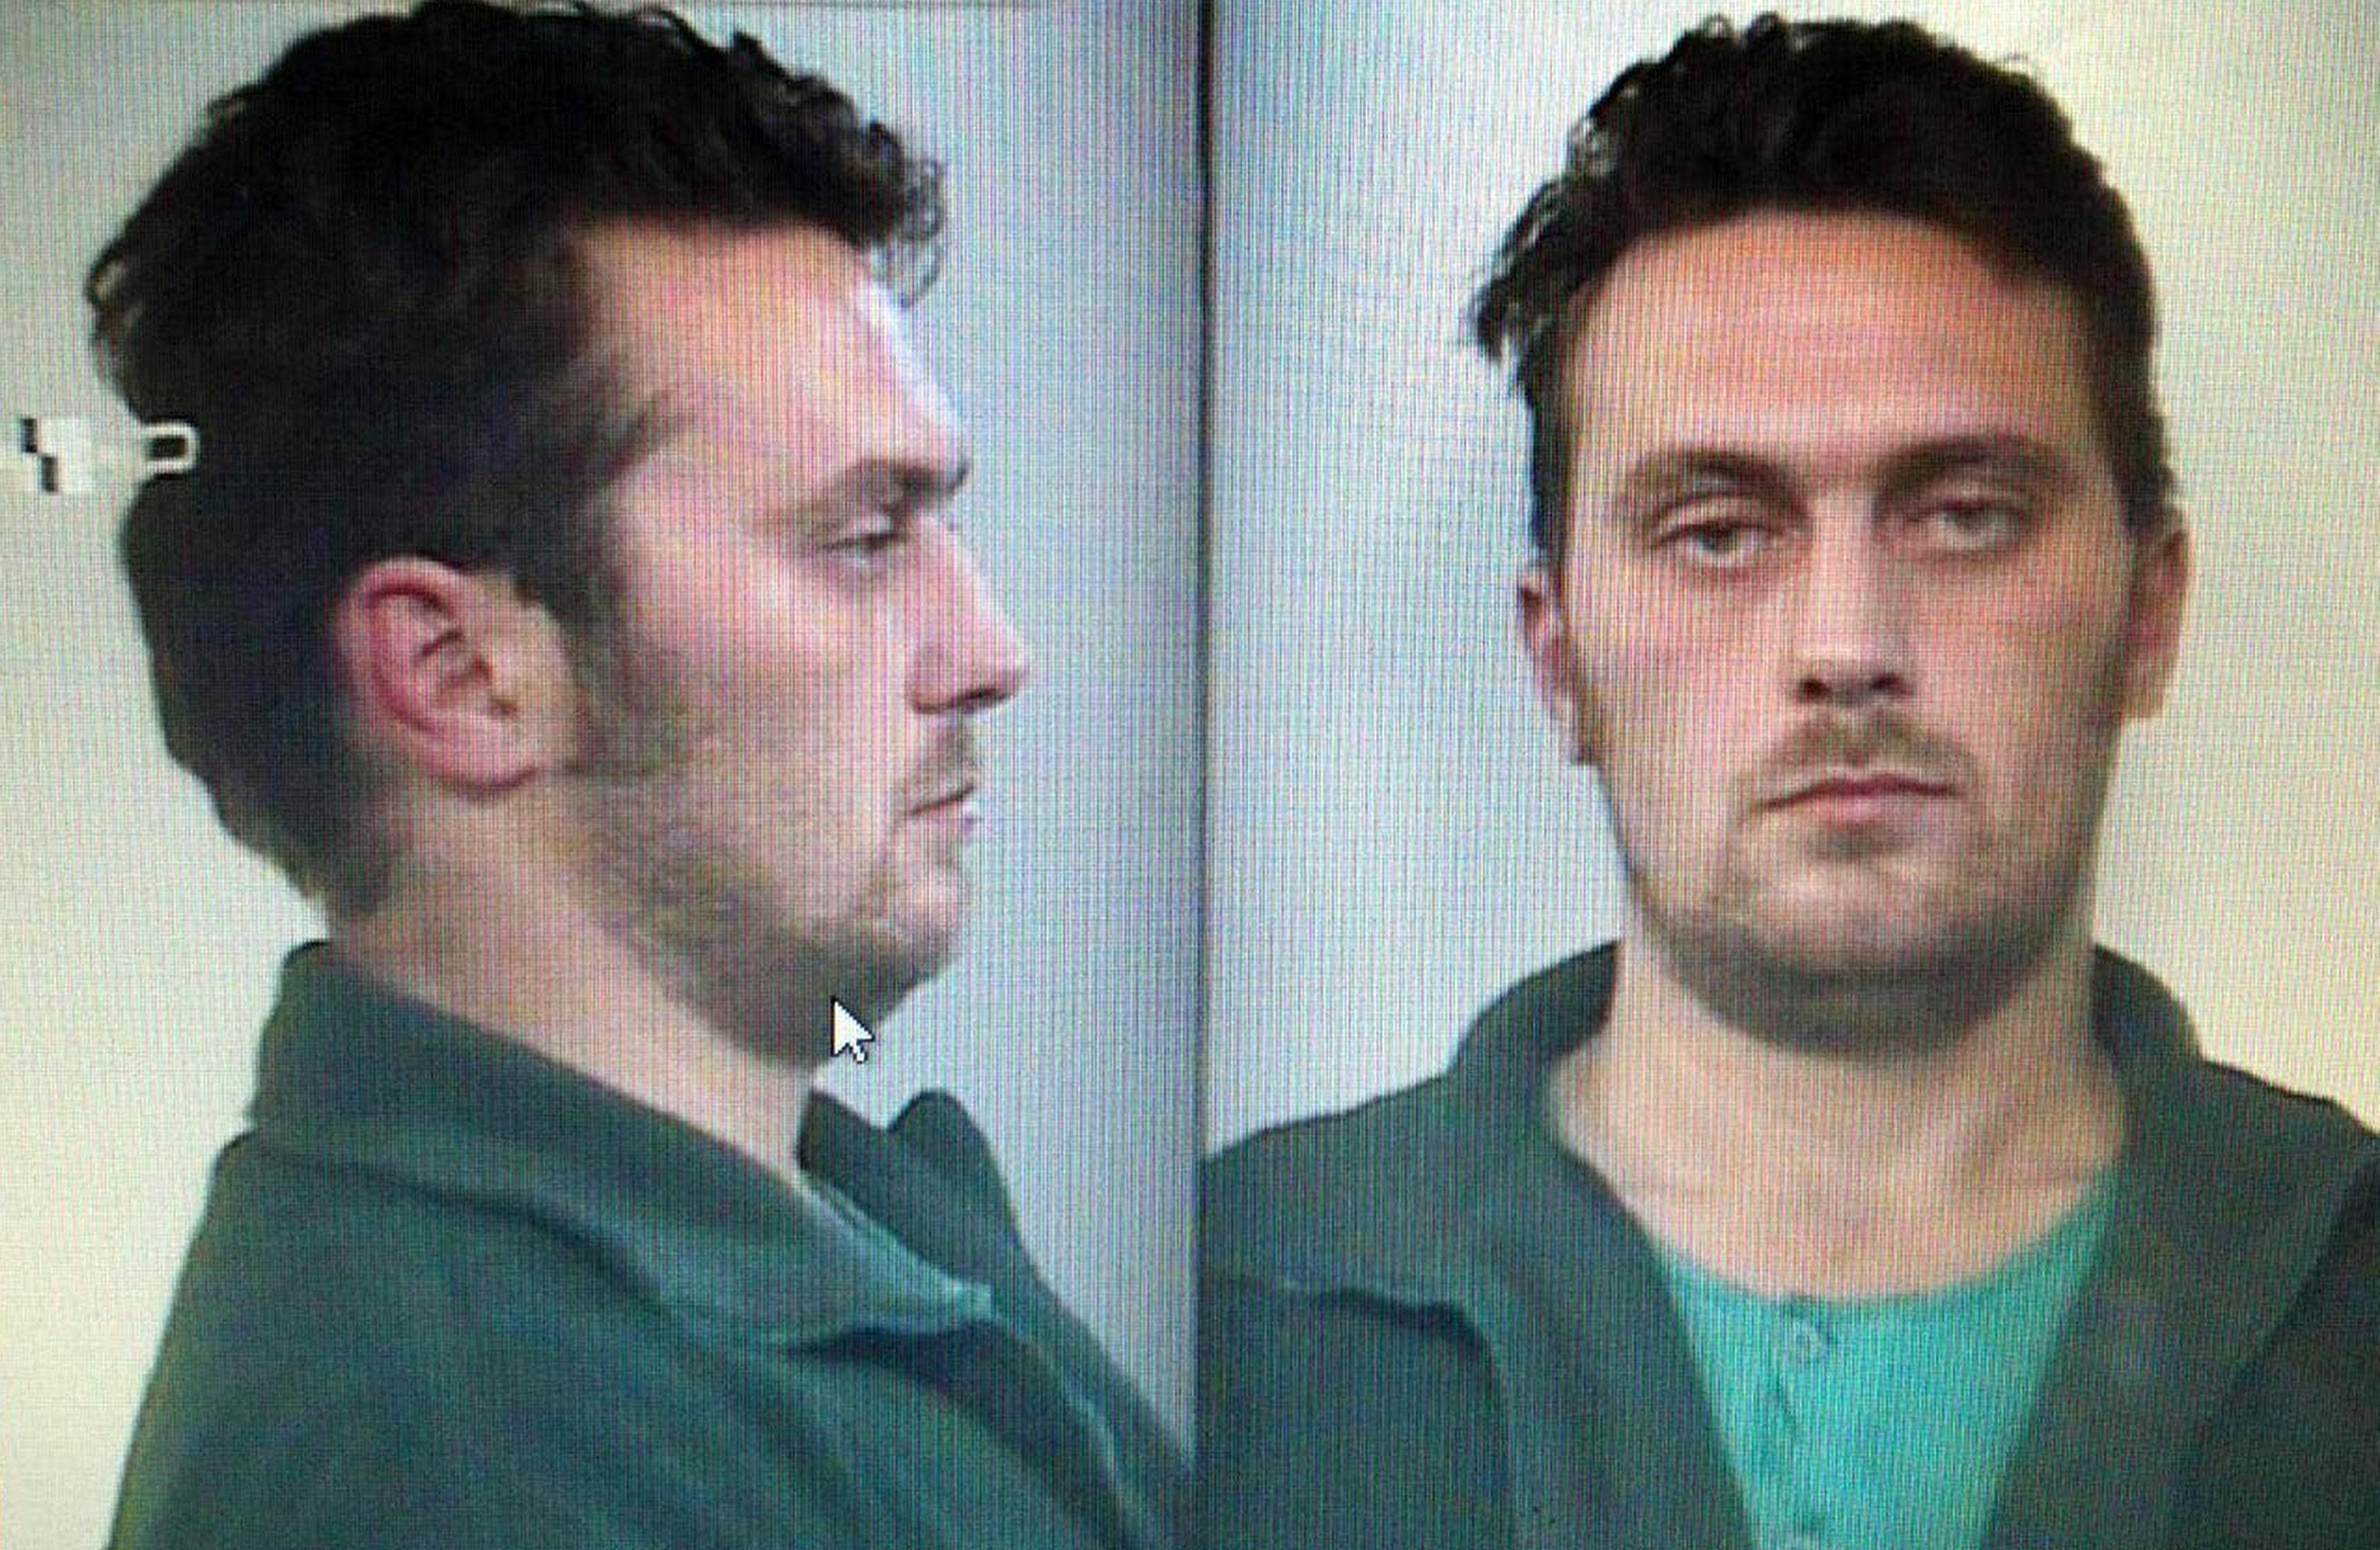 Igor a processo per tre rapine del 2015